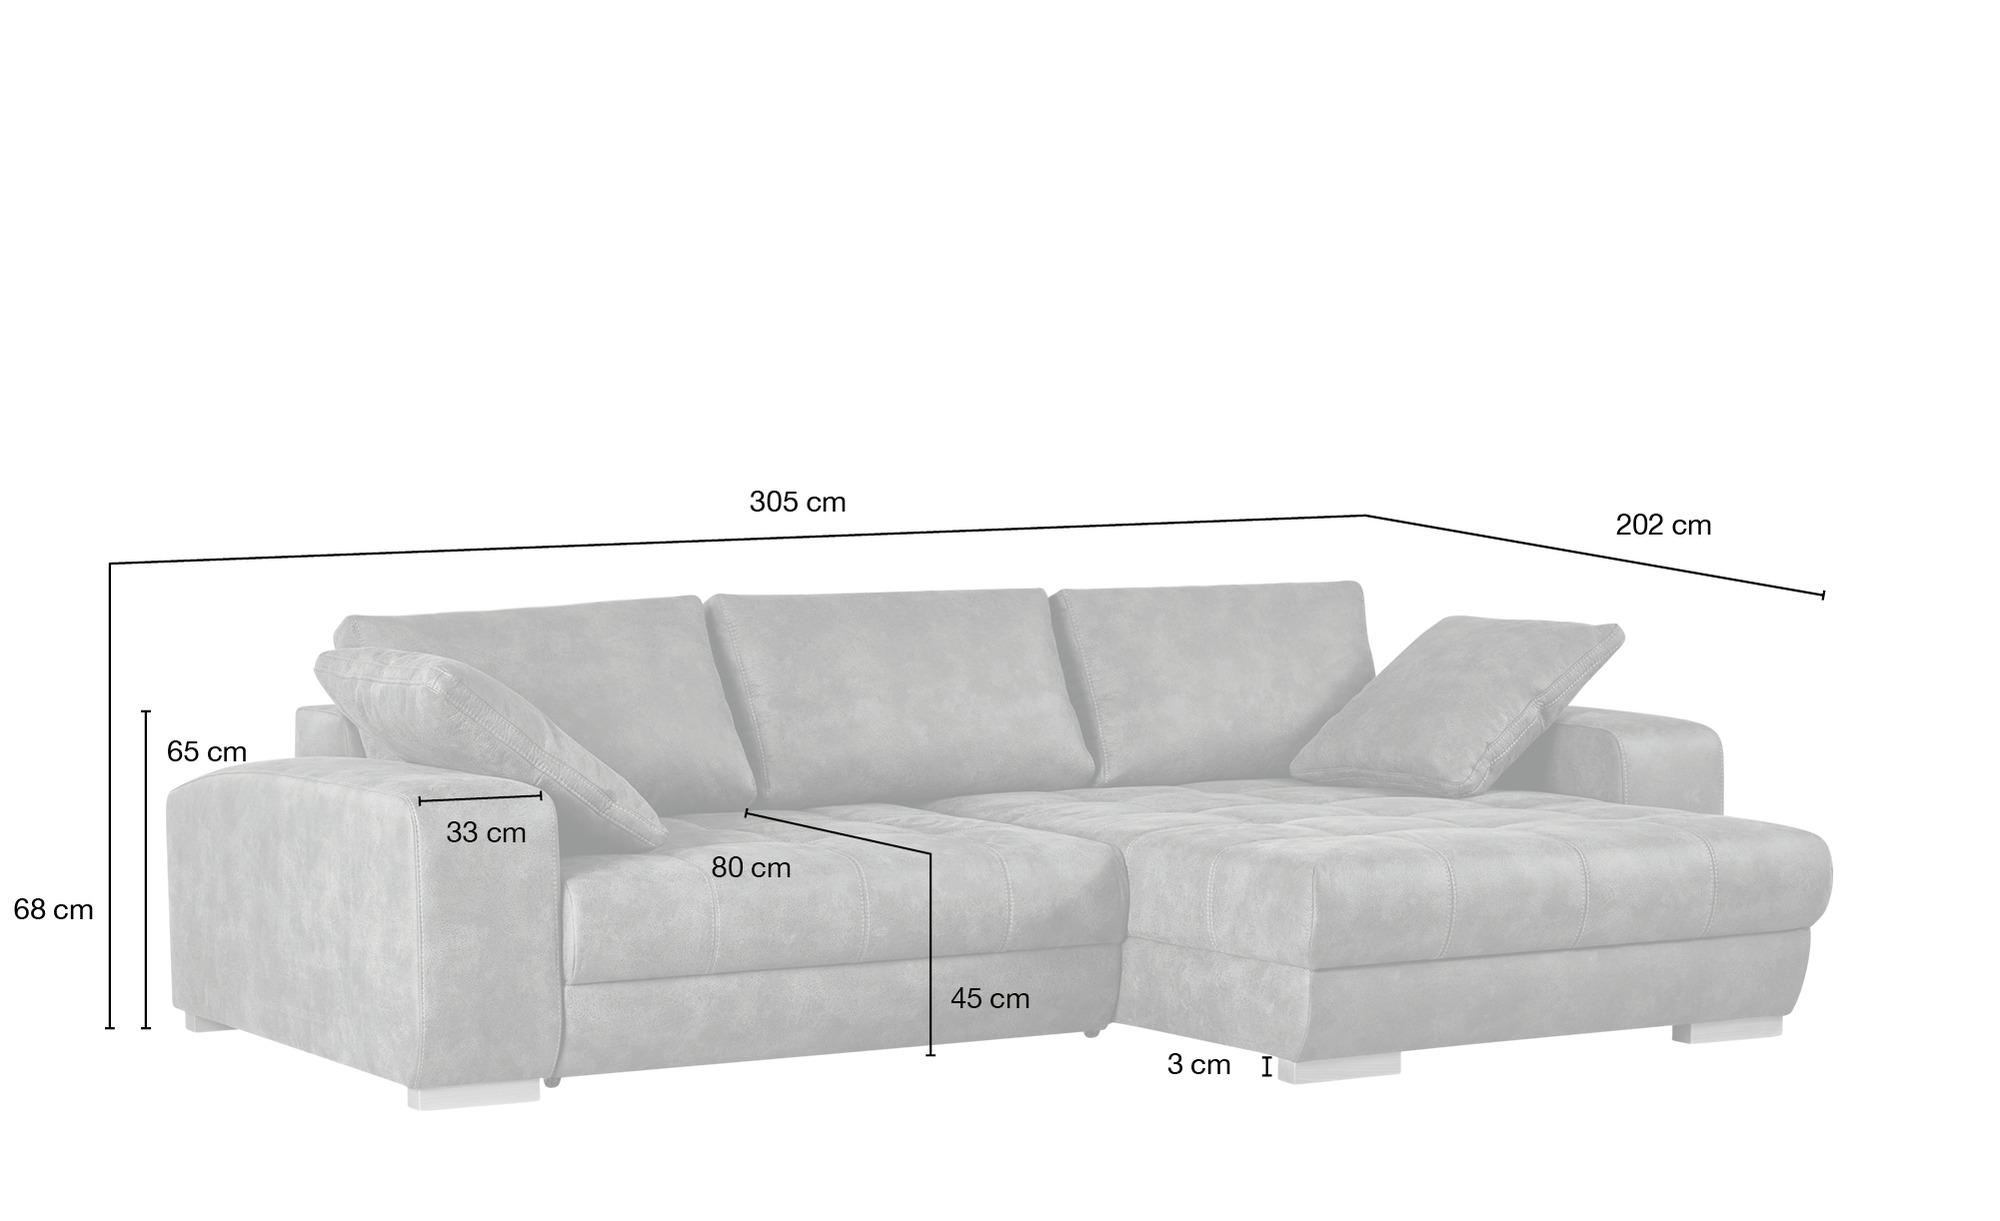 Full Size of Big Sofa Mit Verstellbarer Sitztiefe Elektrisch Ecksofa Bobb Dunkelbraun Microfaser Caro Schillig Betten Aufbewahrung Für Esstisch Chesterfield 2 Sitzer Sofa Sofa Mit Verstellbarer Sitztiefe